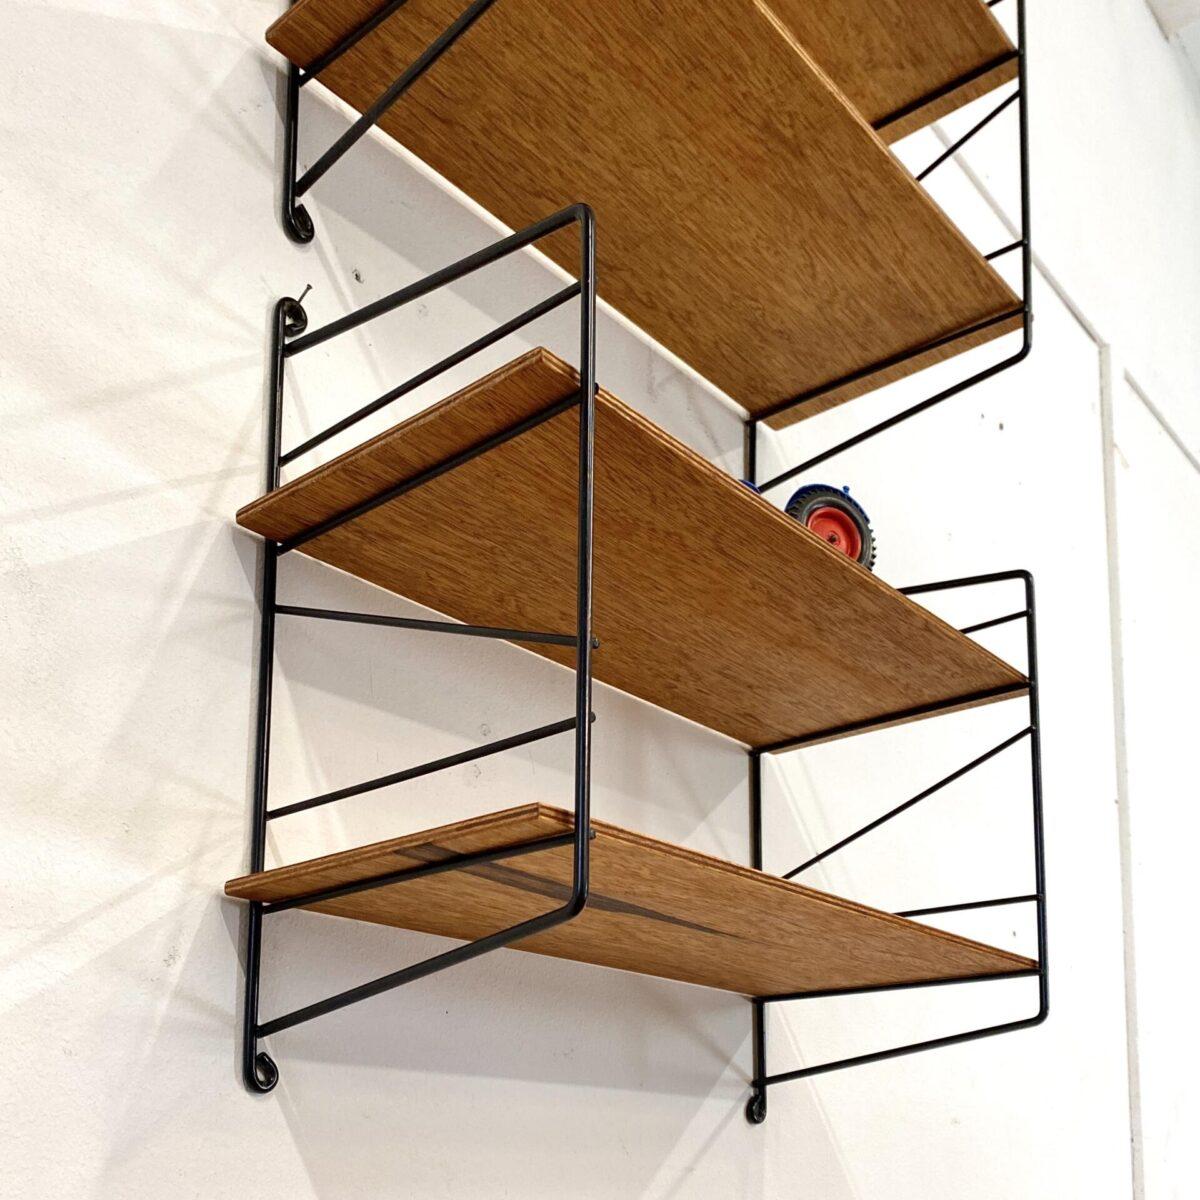 Deuxieme.shop midcentury string regal Teak. Stringregale. Höhe 35cm Breite 41cm Tiefe 19cm. Dekorative kleine Küchenregale, preis pro Stück.